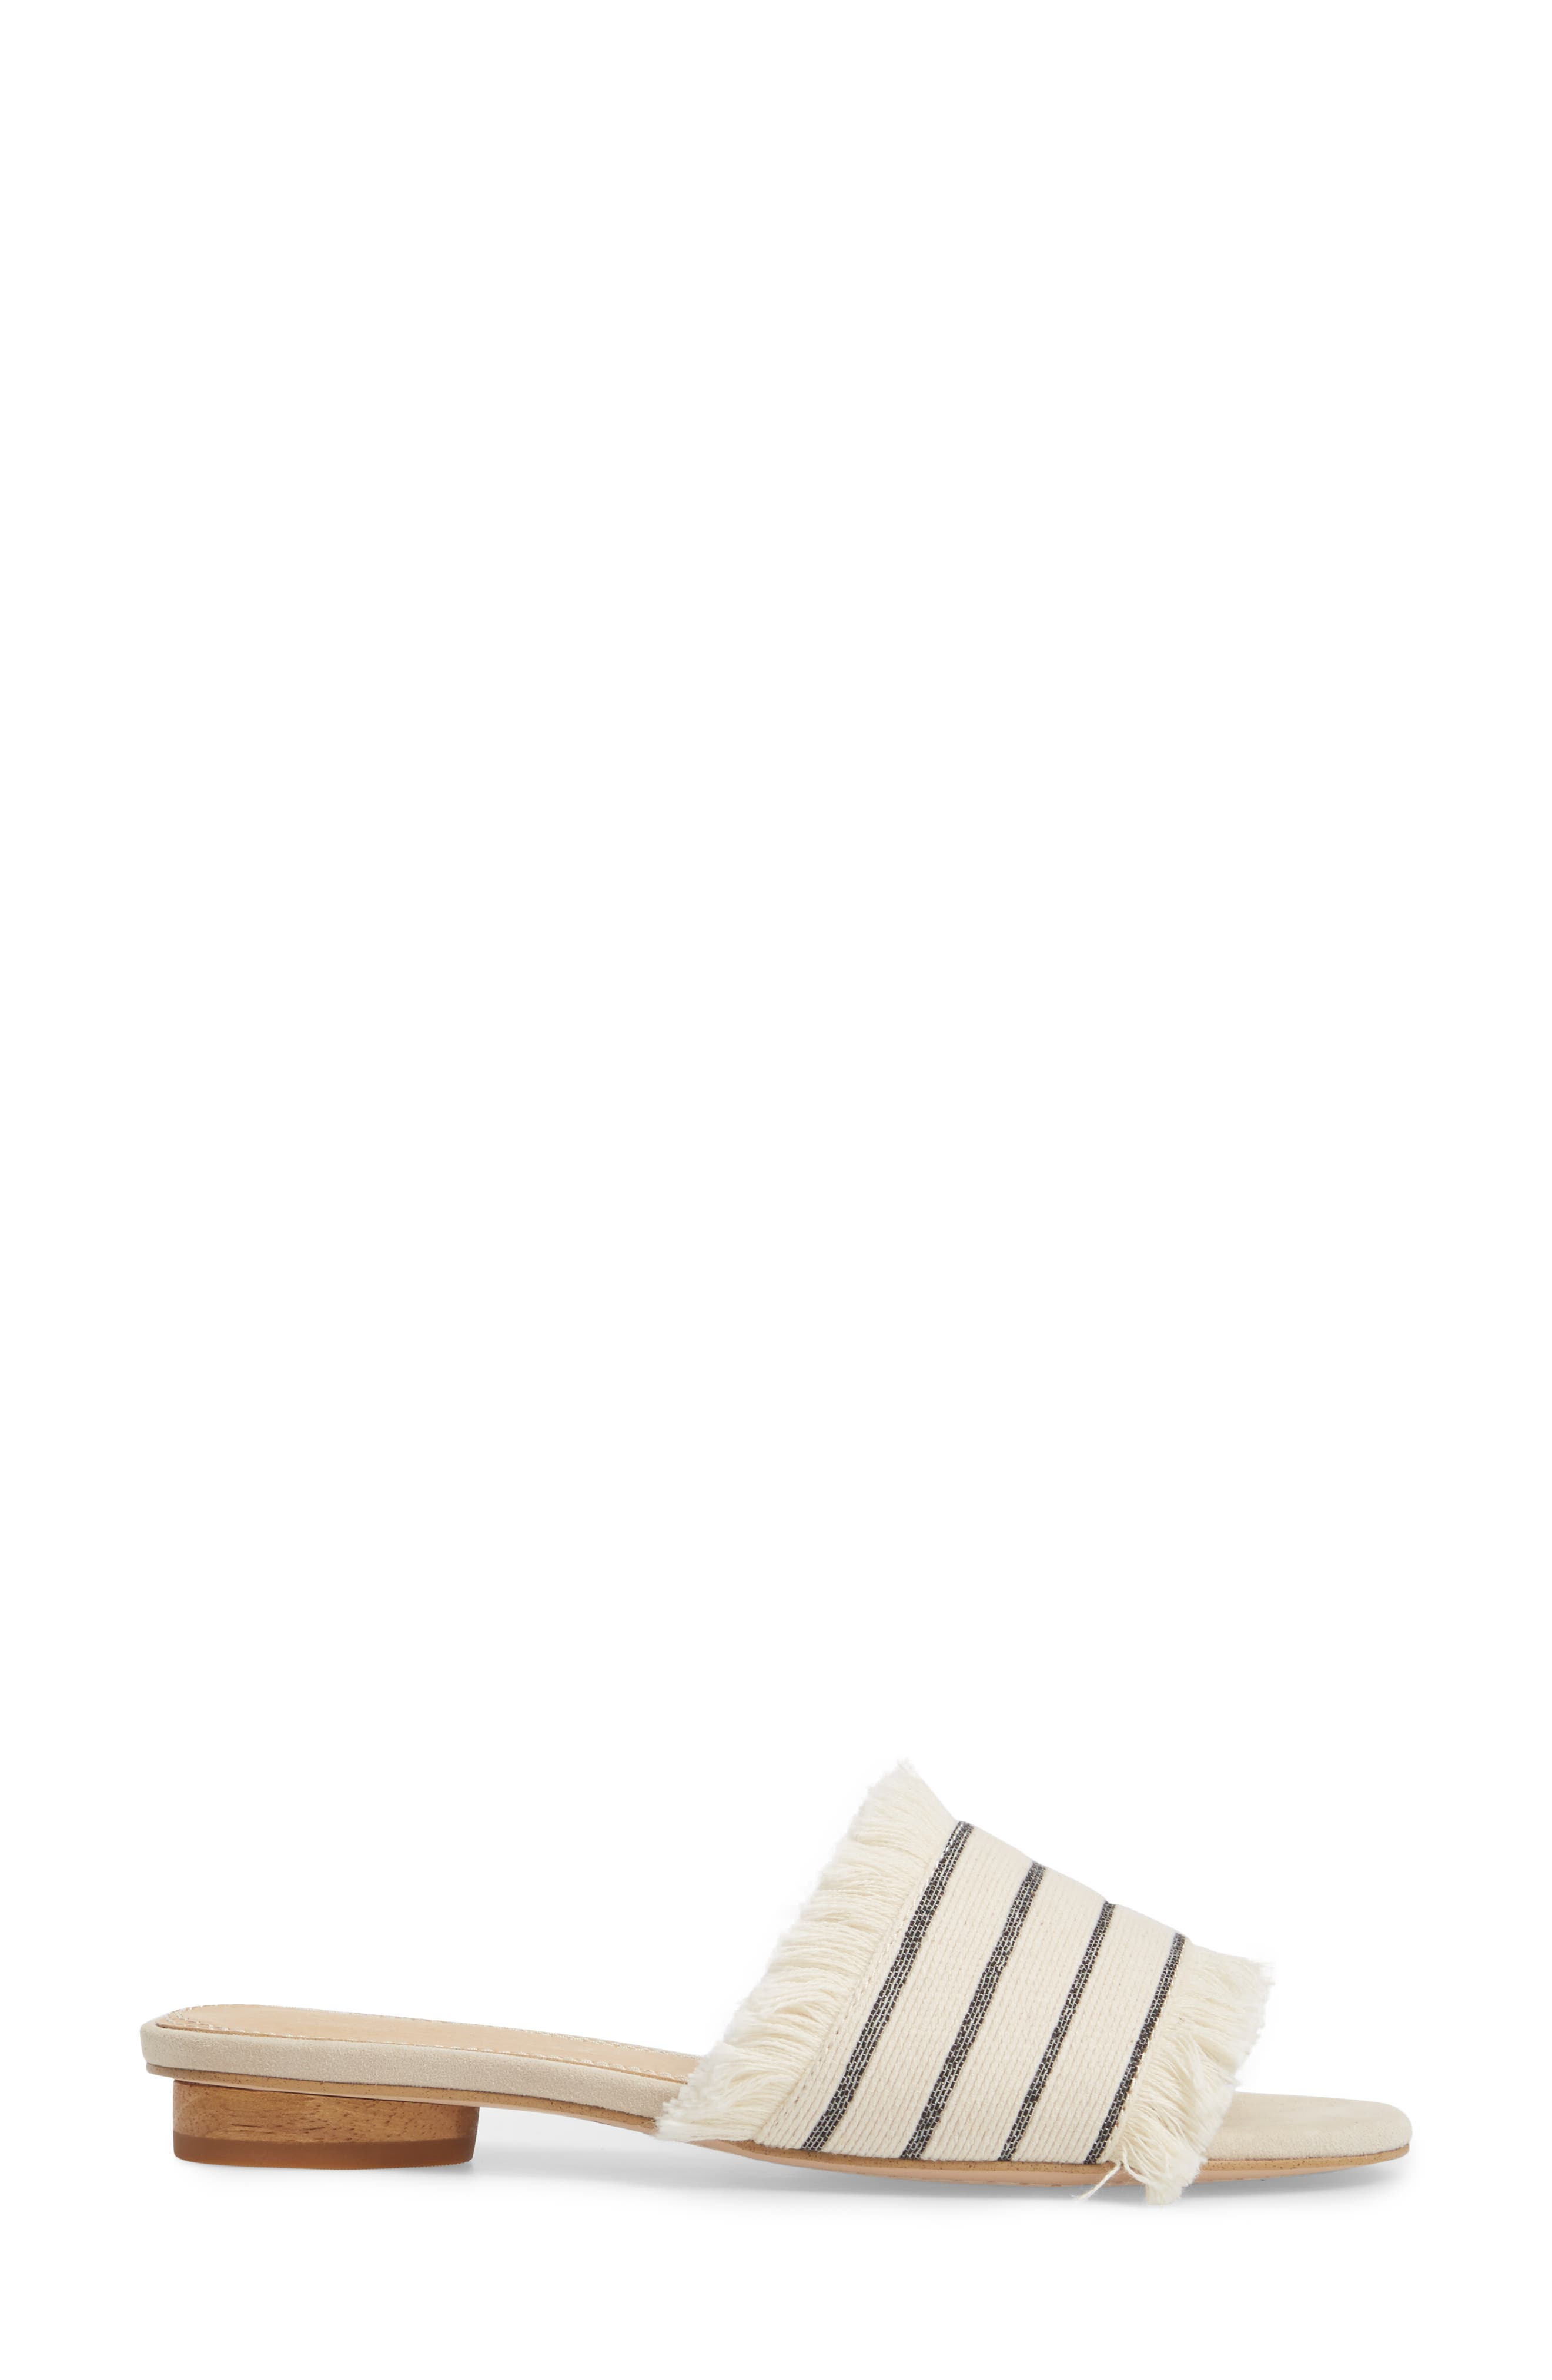 Baldwyn Fringe Slide Sandal,                             Alternate thumbnail 3, color,                             100